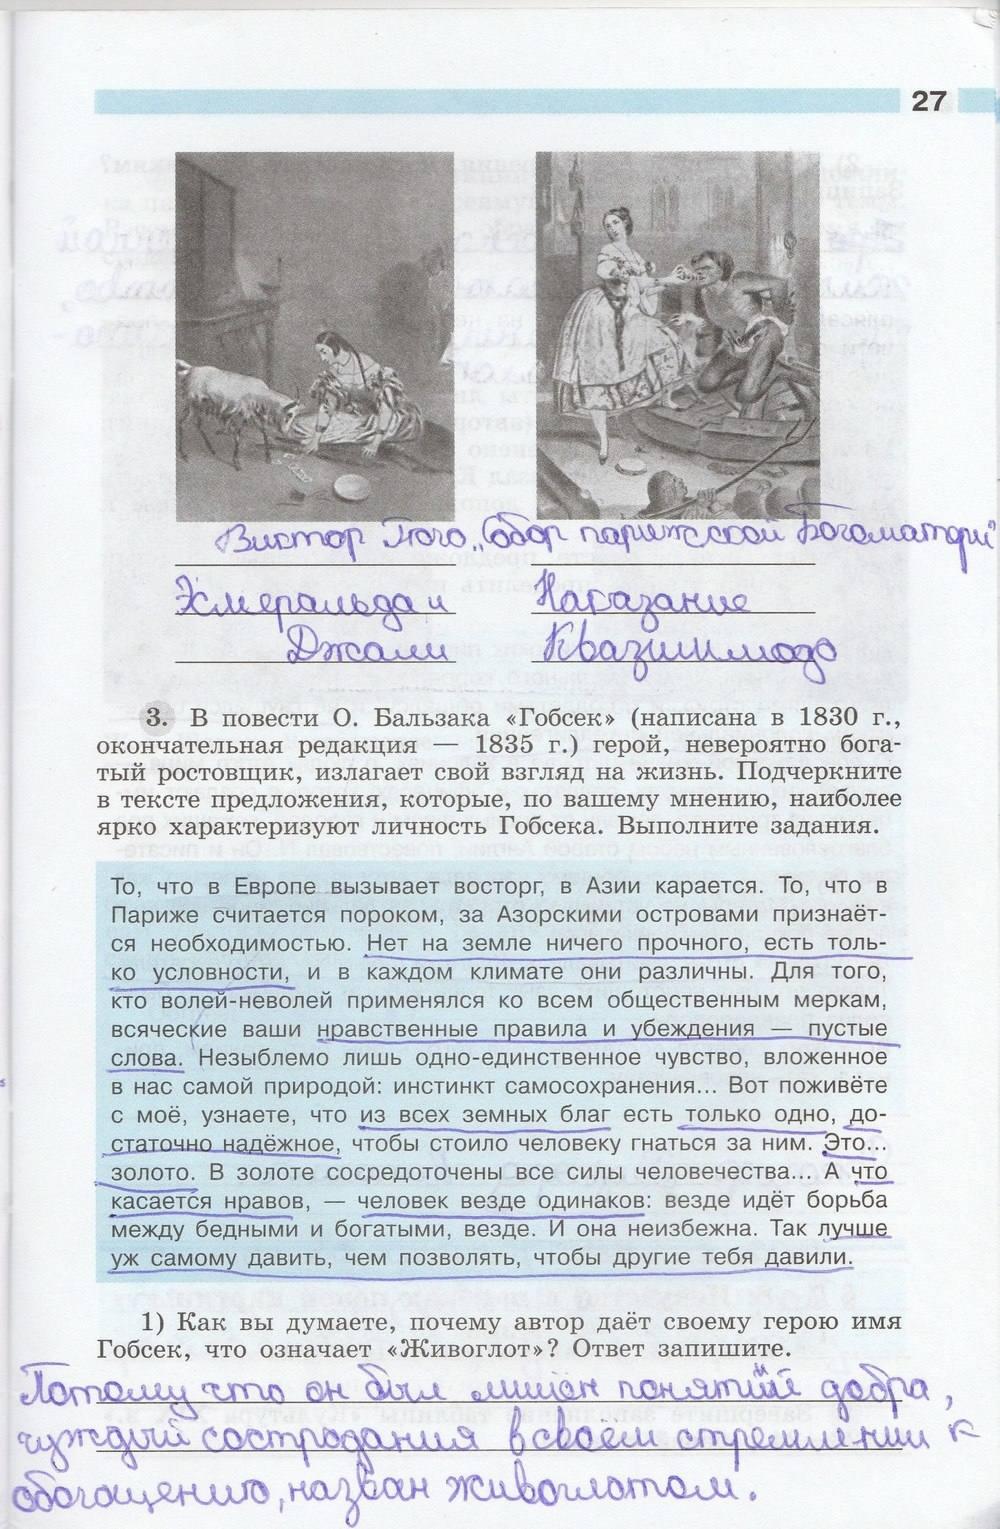 Гдз по истории рабочей тетради 7 класса юдовская ванюшкина баранов